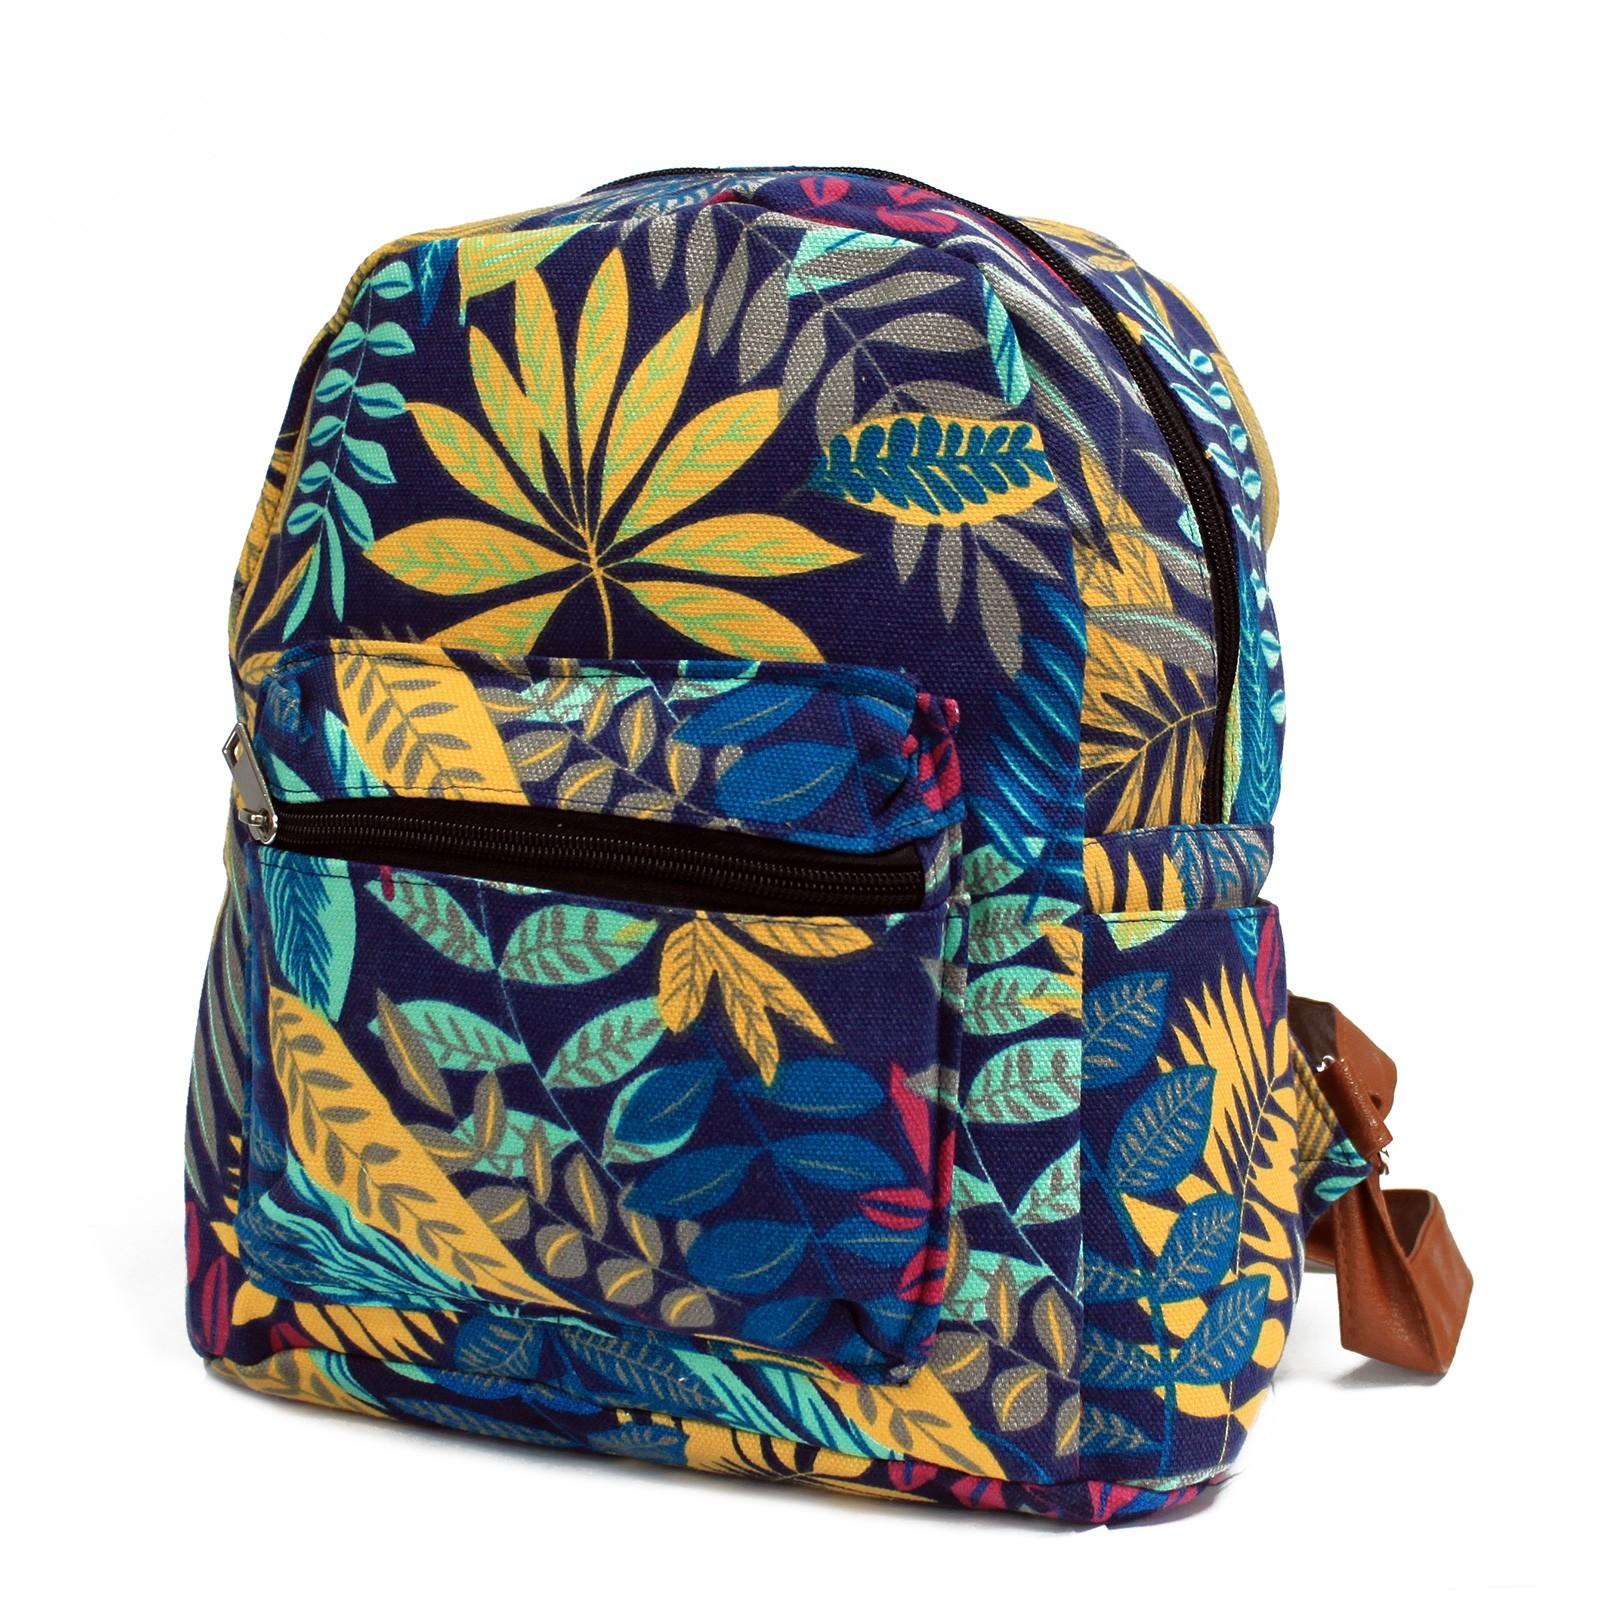 Jungle Backpack Bag Undersized Leaf Print Plant Design Canvas Rucksack Blue  Teal 20997639fb89d